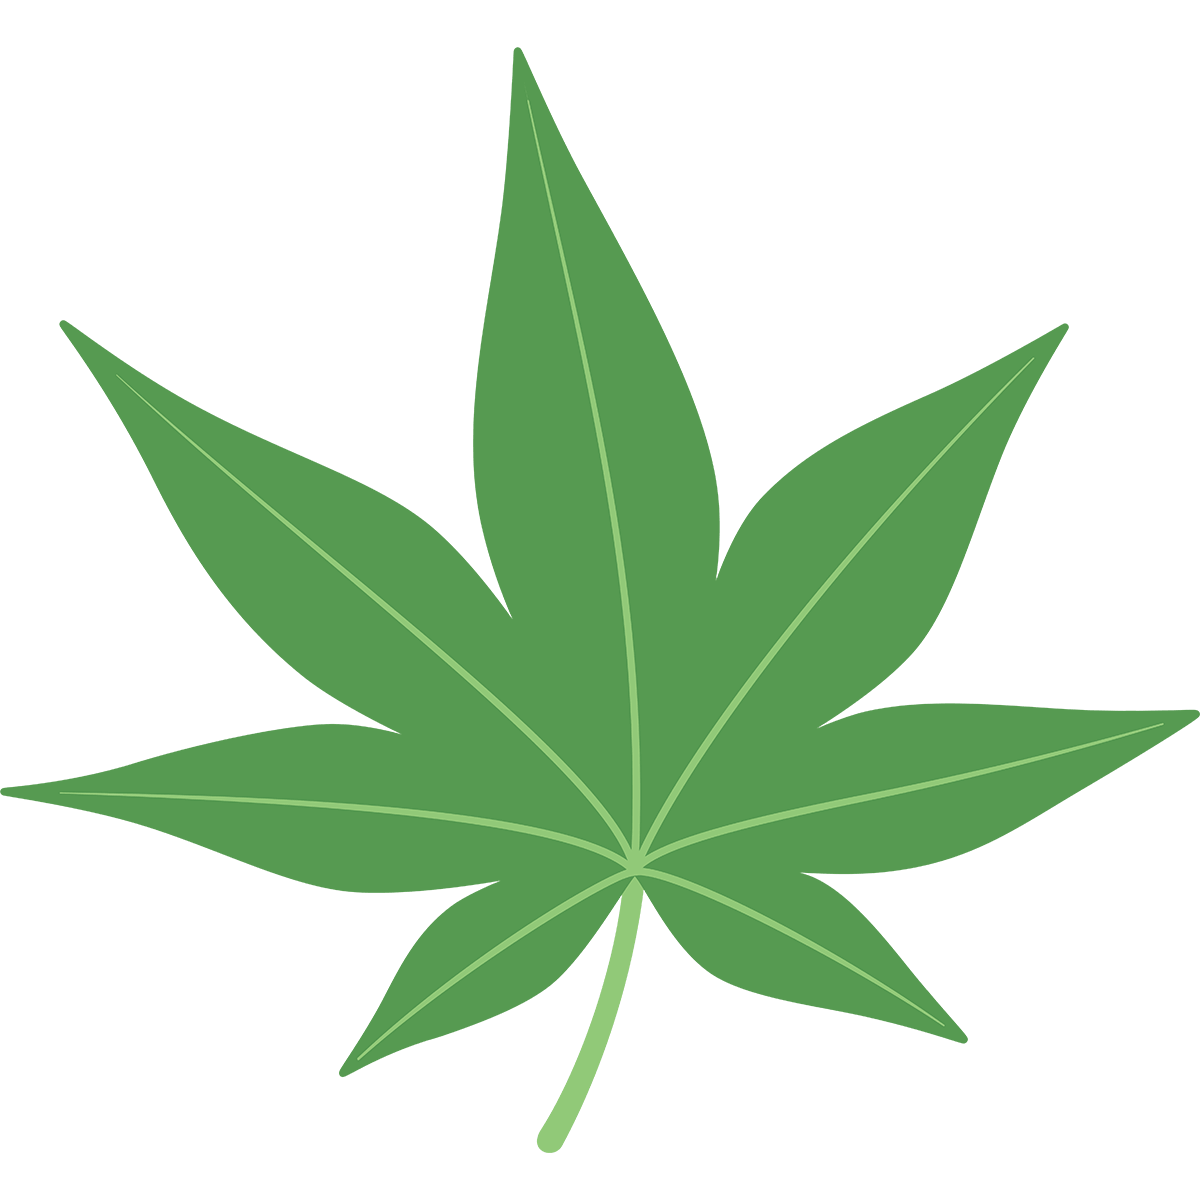 モミジの葉の無料イラスト